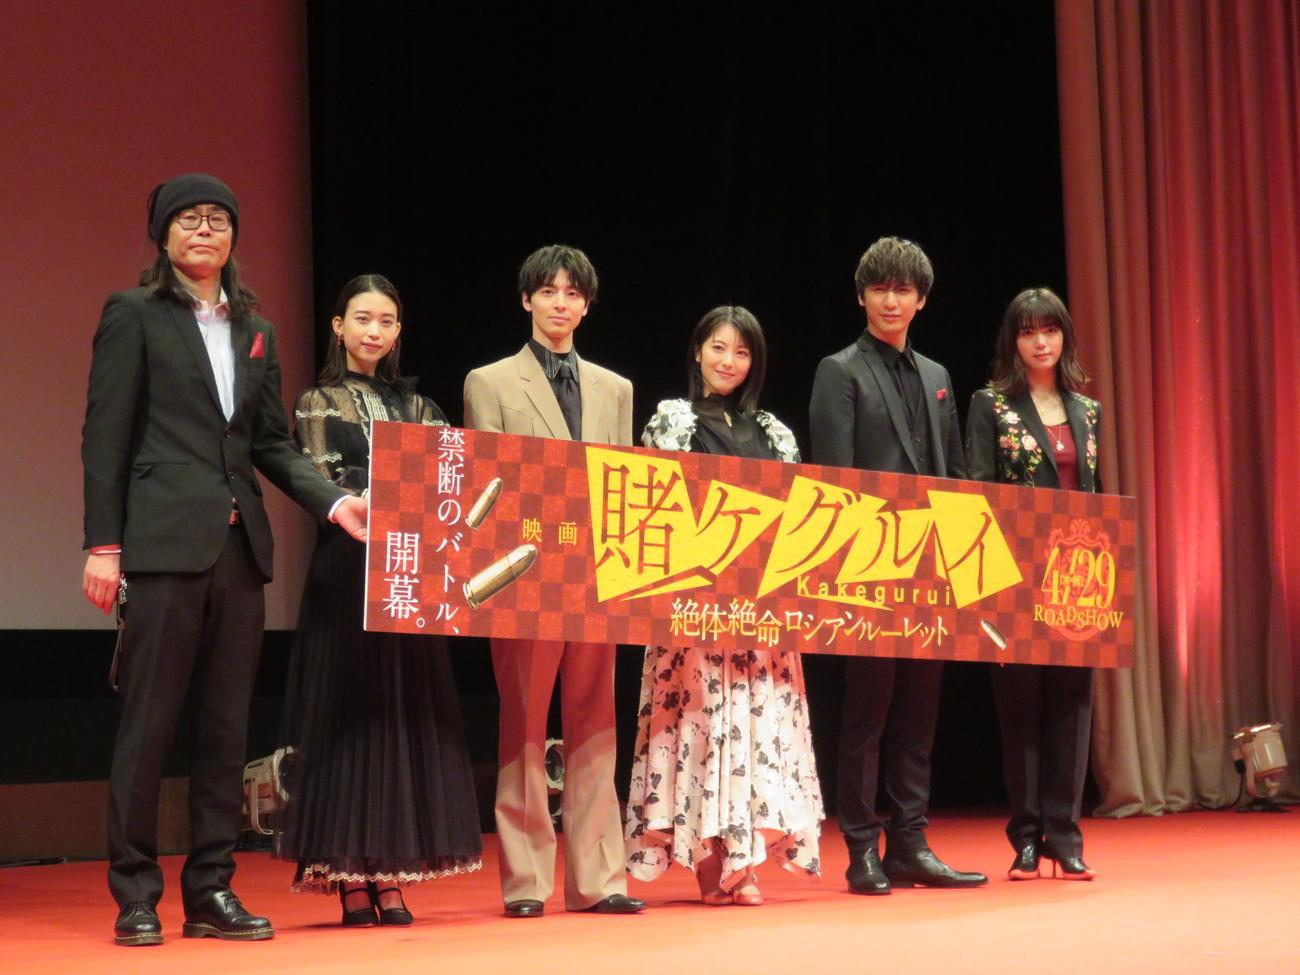 池田エライザ「賭ケグルイ」生徒会長役 「賭けてるの見られてうれしい」